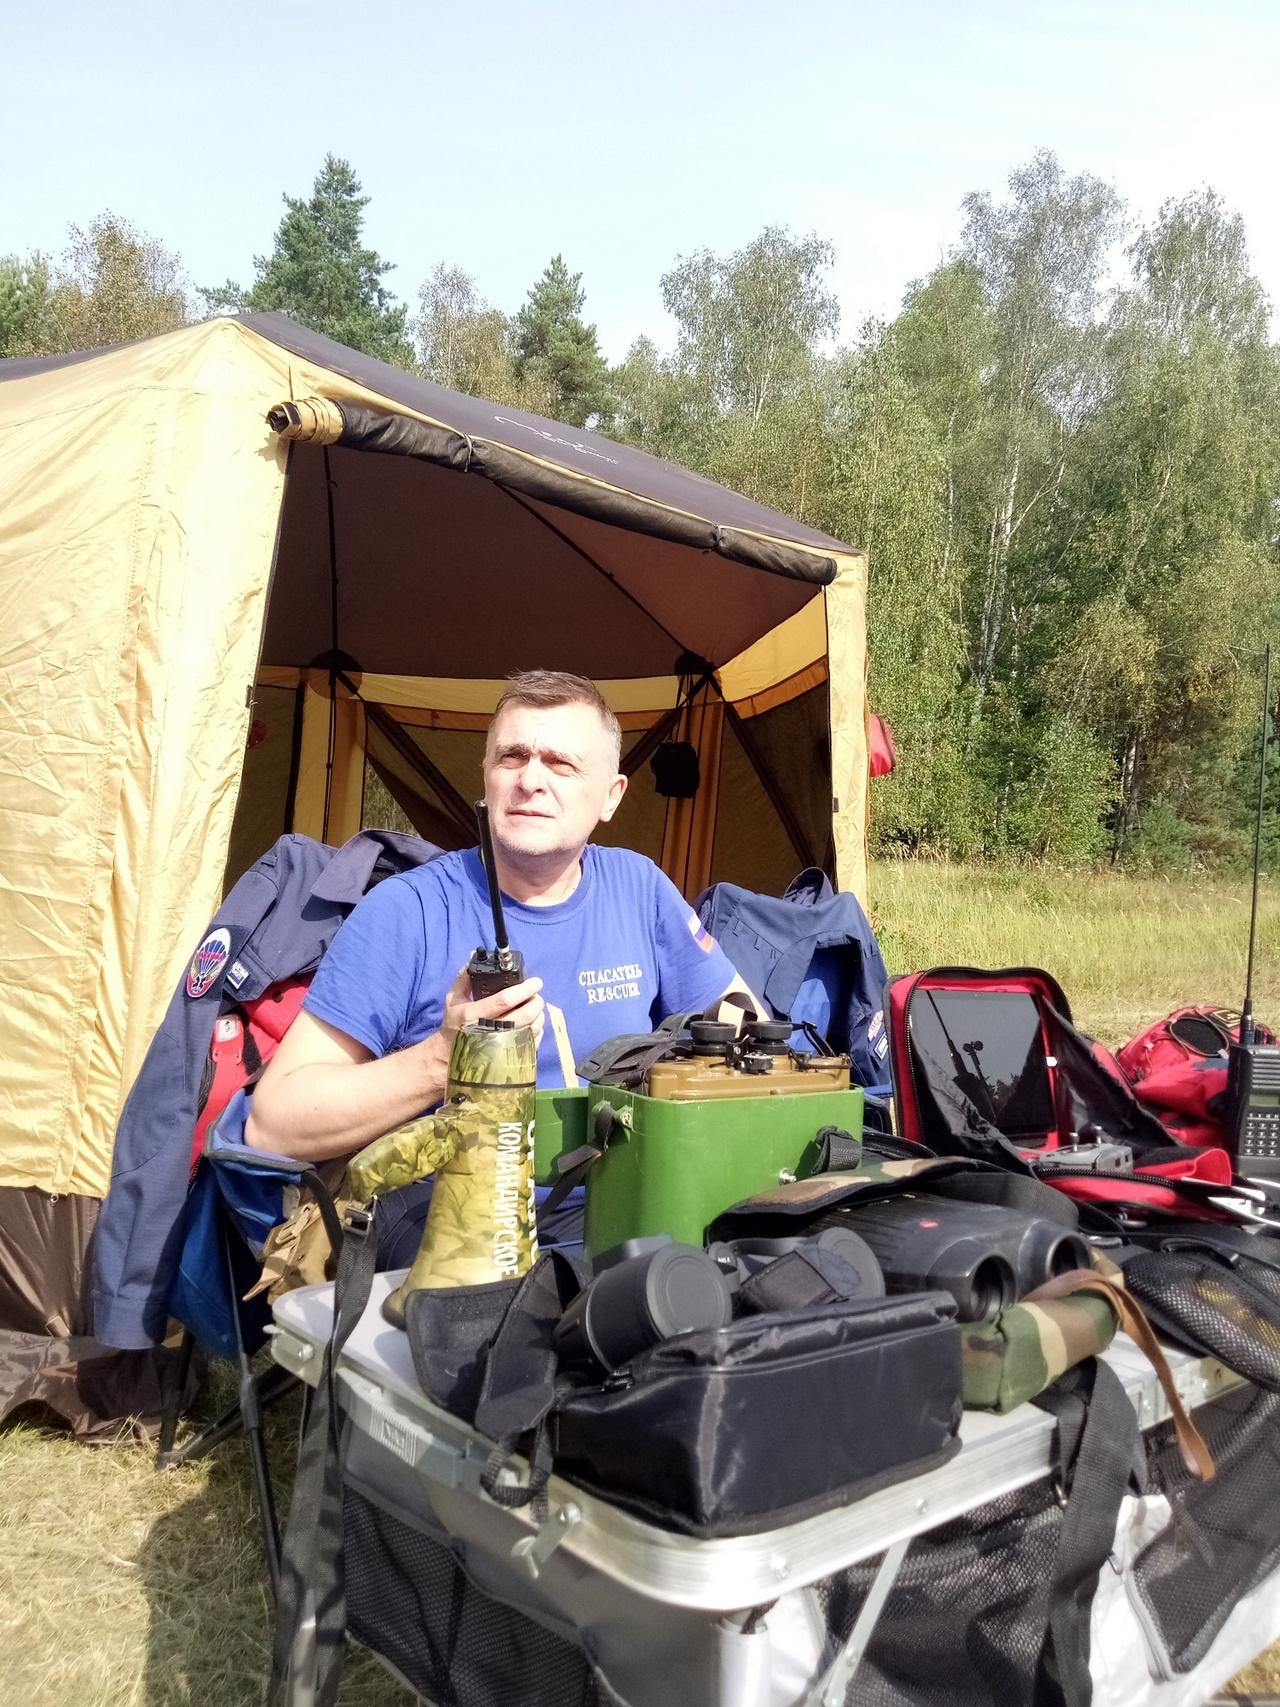 Директор Фонда поддержки ветеранов оперативных служб силовых ведомств «Центр-Т», руководитель поисково-спасательного отряда «Надежда» Владимир Кошкарёв.